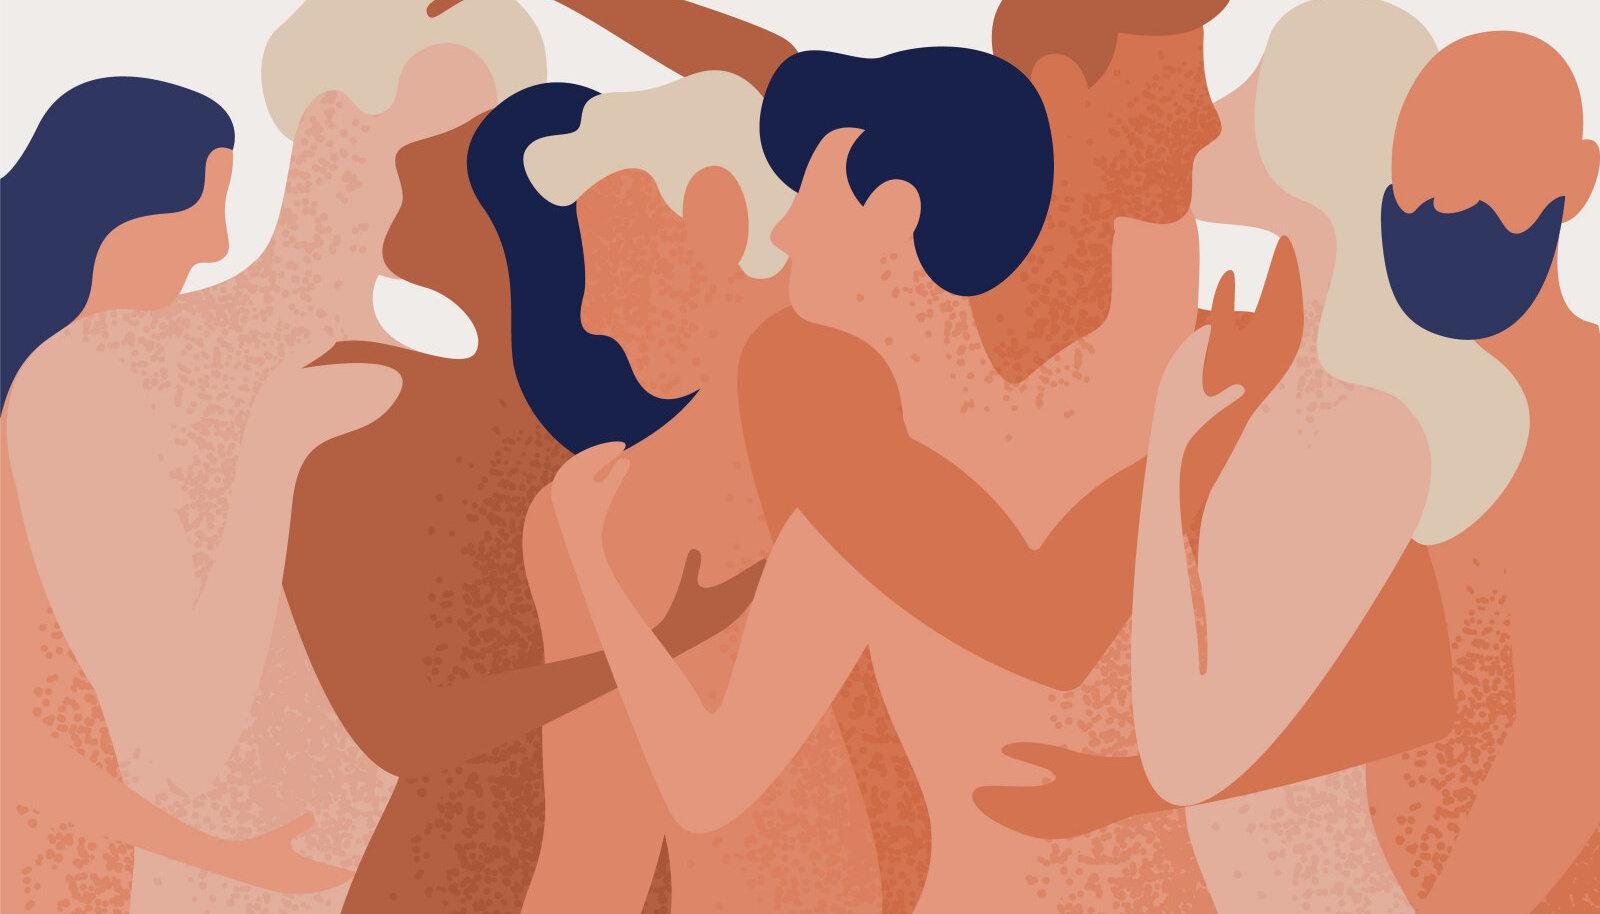 Polüamooria tähistab intiimsuhteid, kus inimestel on üksteise teadmisel ning täiel nõusolekul ja kokkuleppel mitu partnerit korraga.